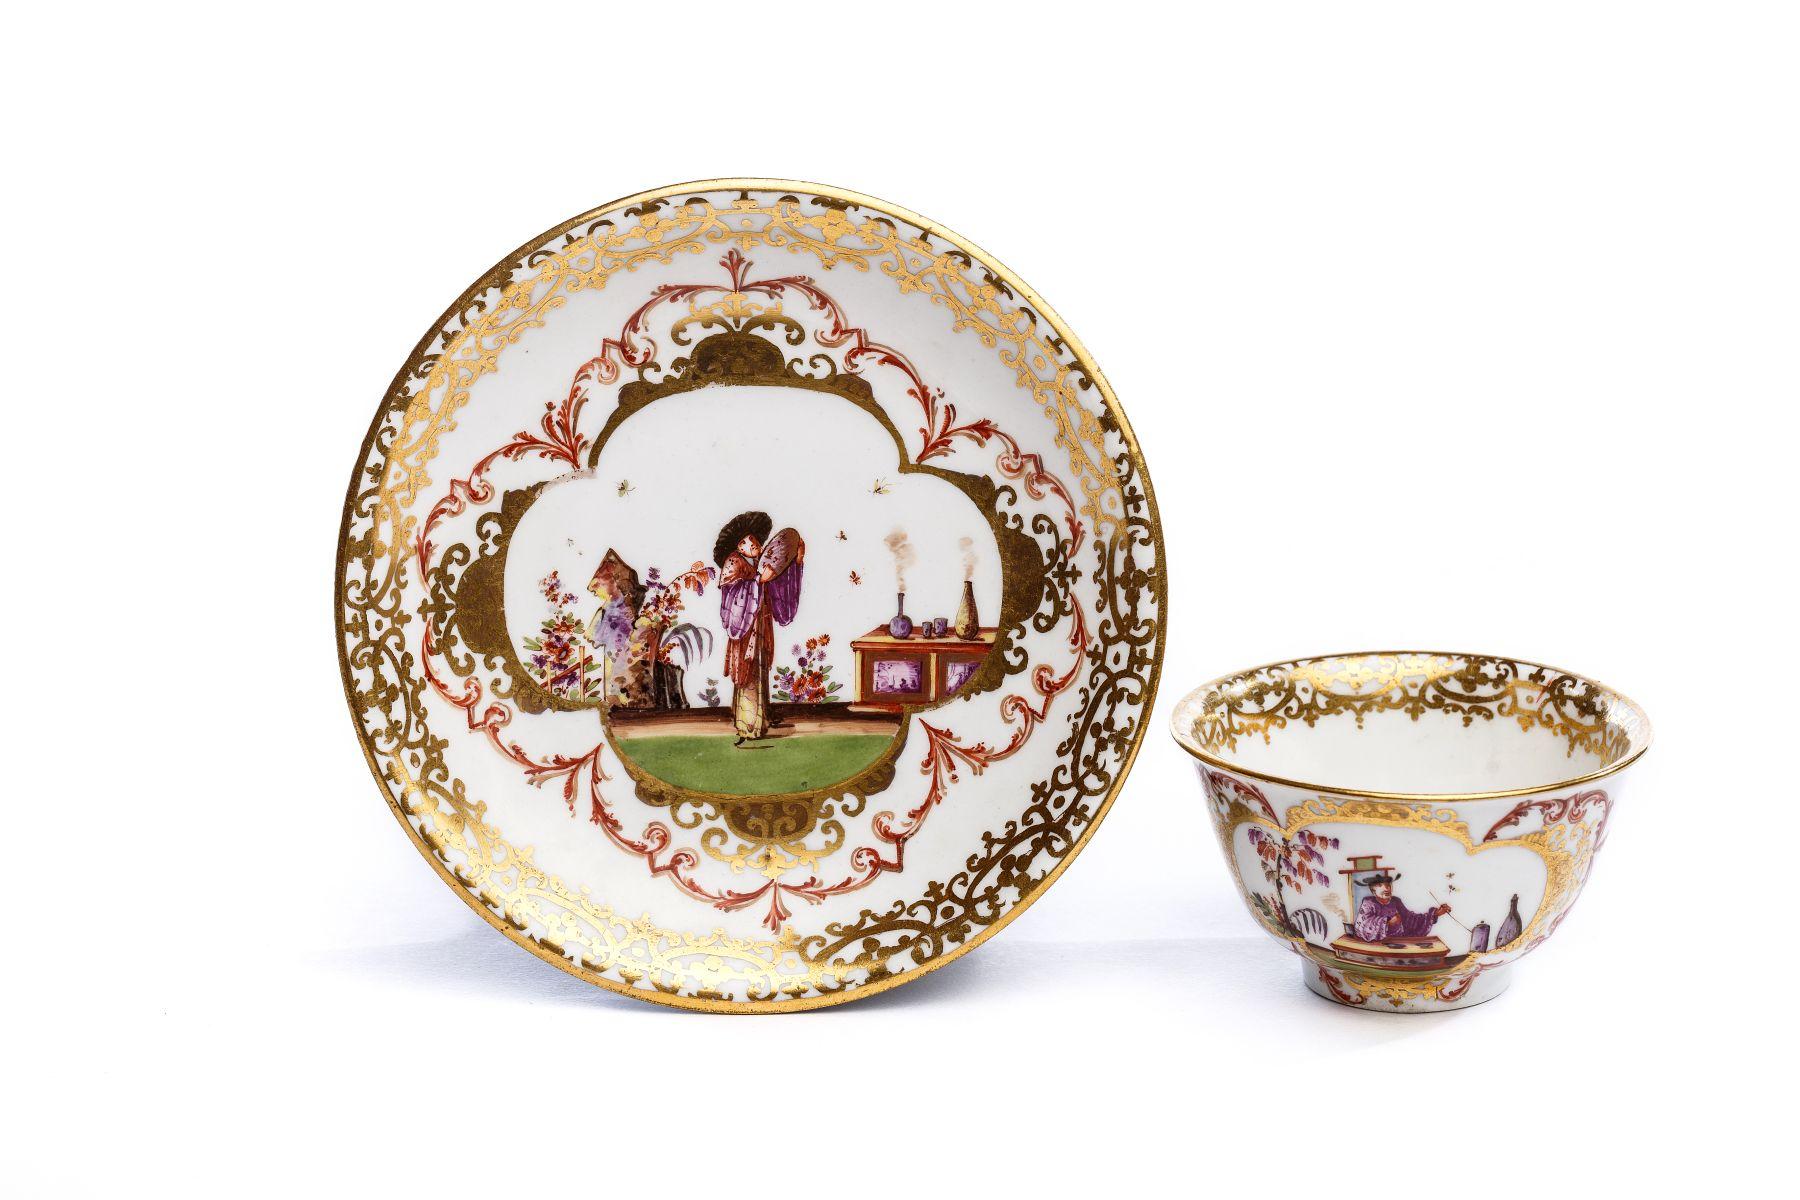 #38 Bowl with saucer, Meissen 1723/25 | Koppchen mit Unterschale, Meissen 1723/25 Image